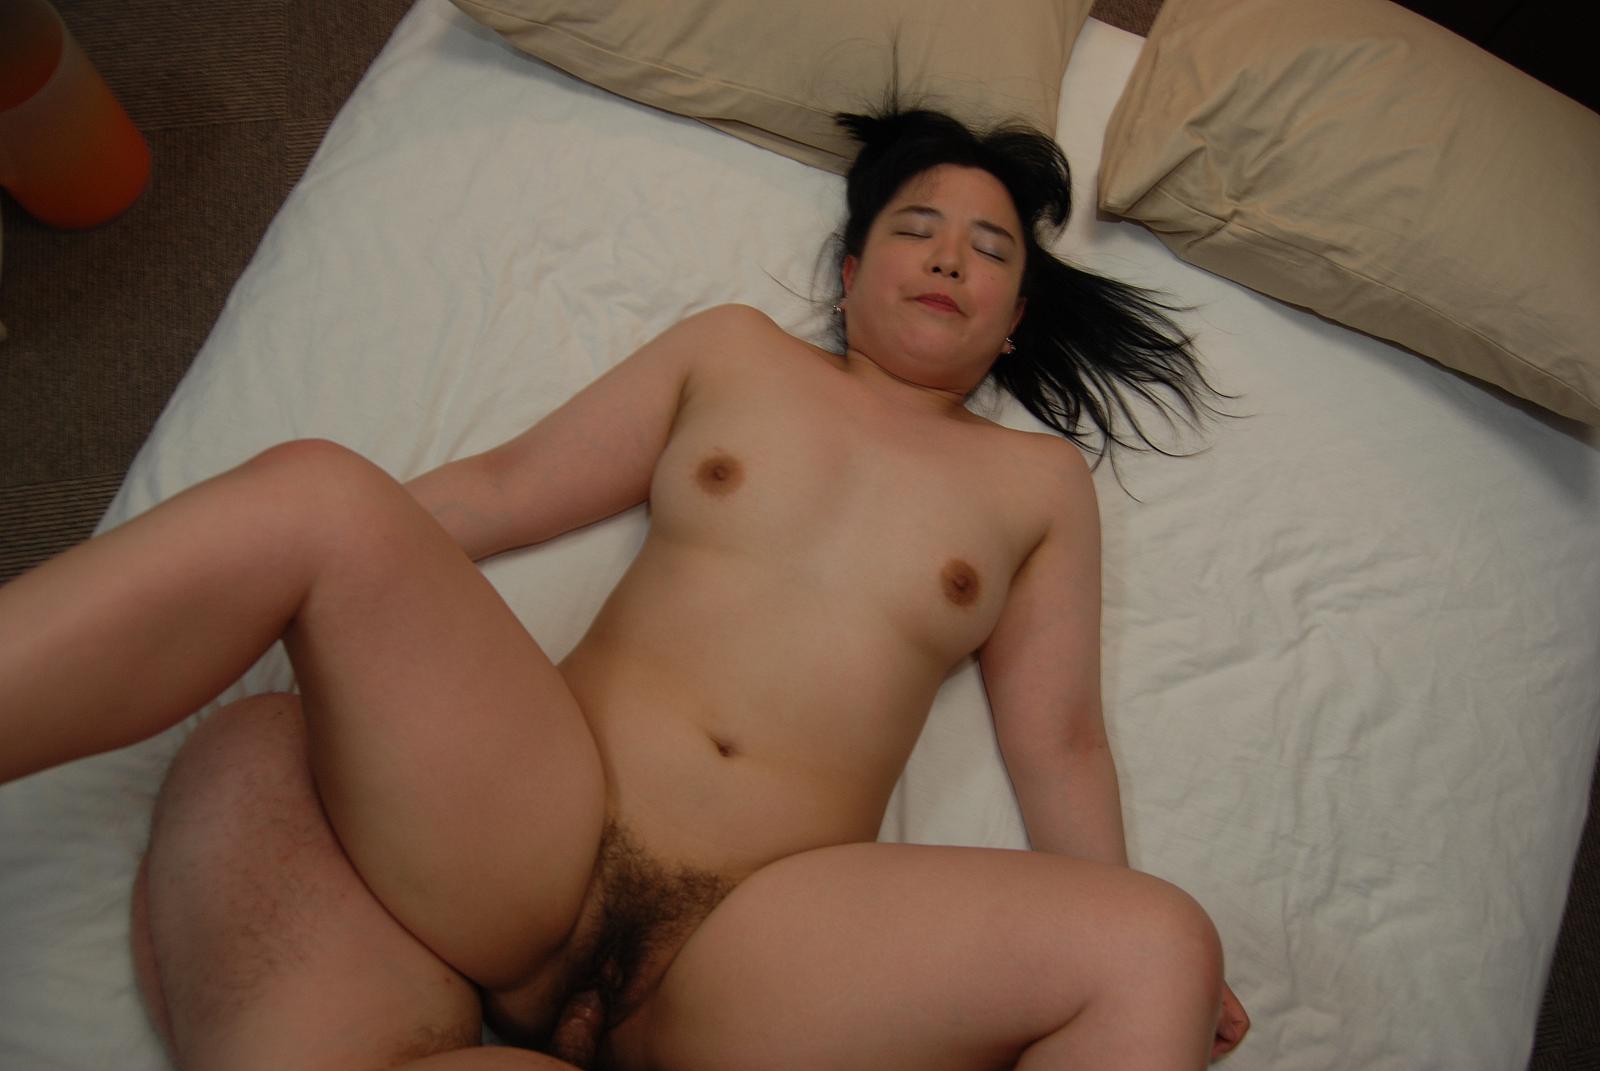 Chubby milf porn 26 фотография